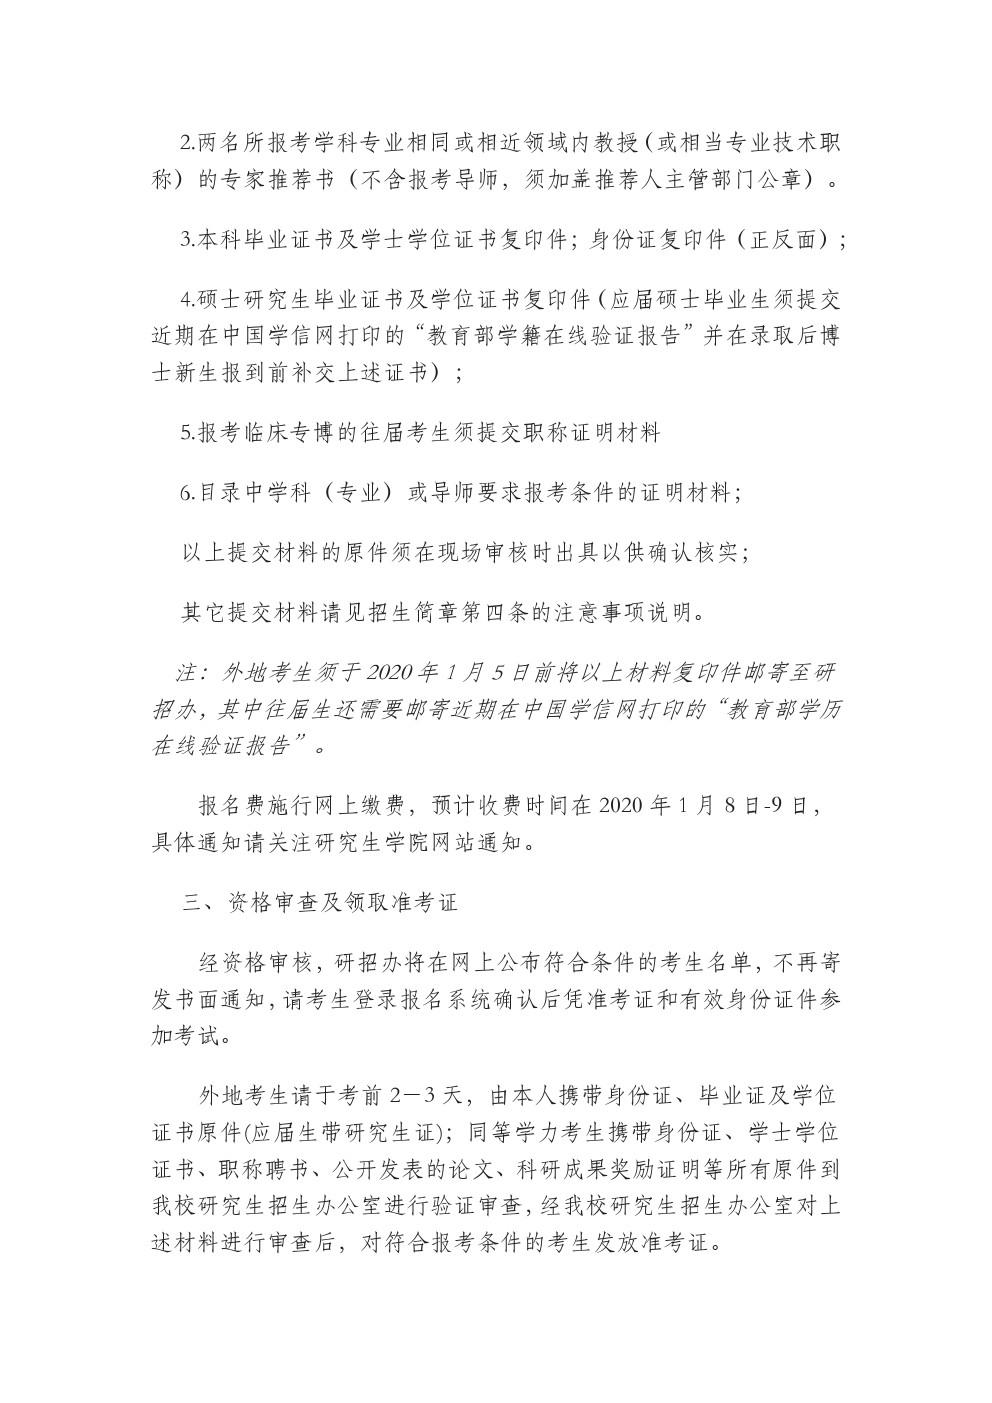 山西医科大学2020年公开招考博士研究生招生通知